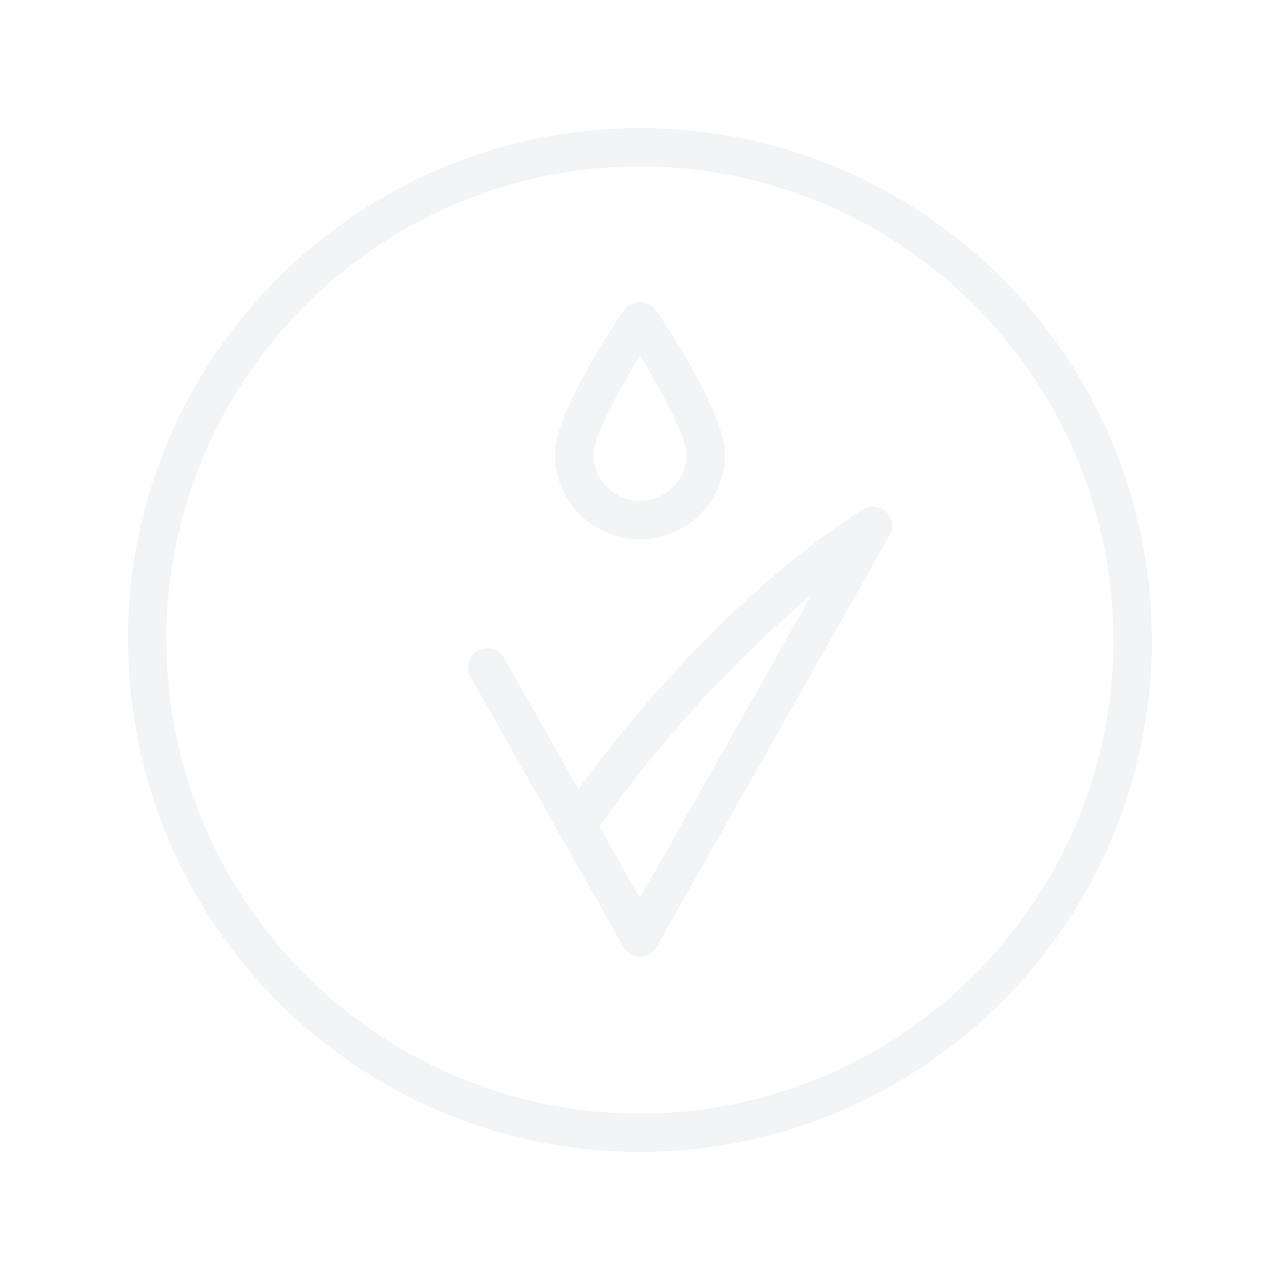 DR. BRONNERS Citrus Orange Pure Castile Soap